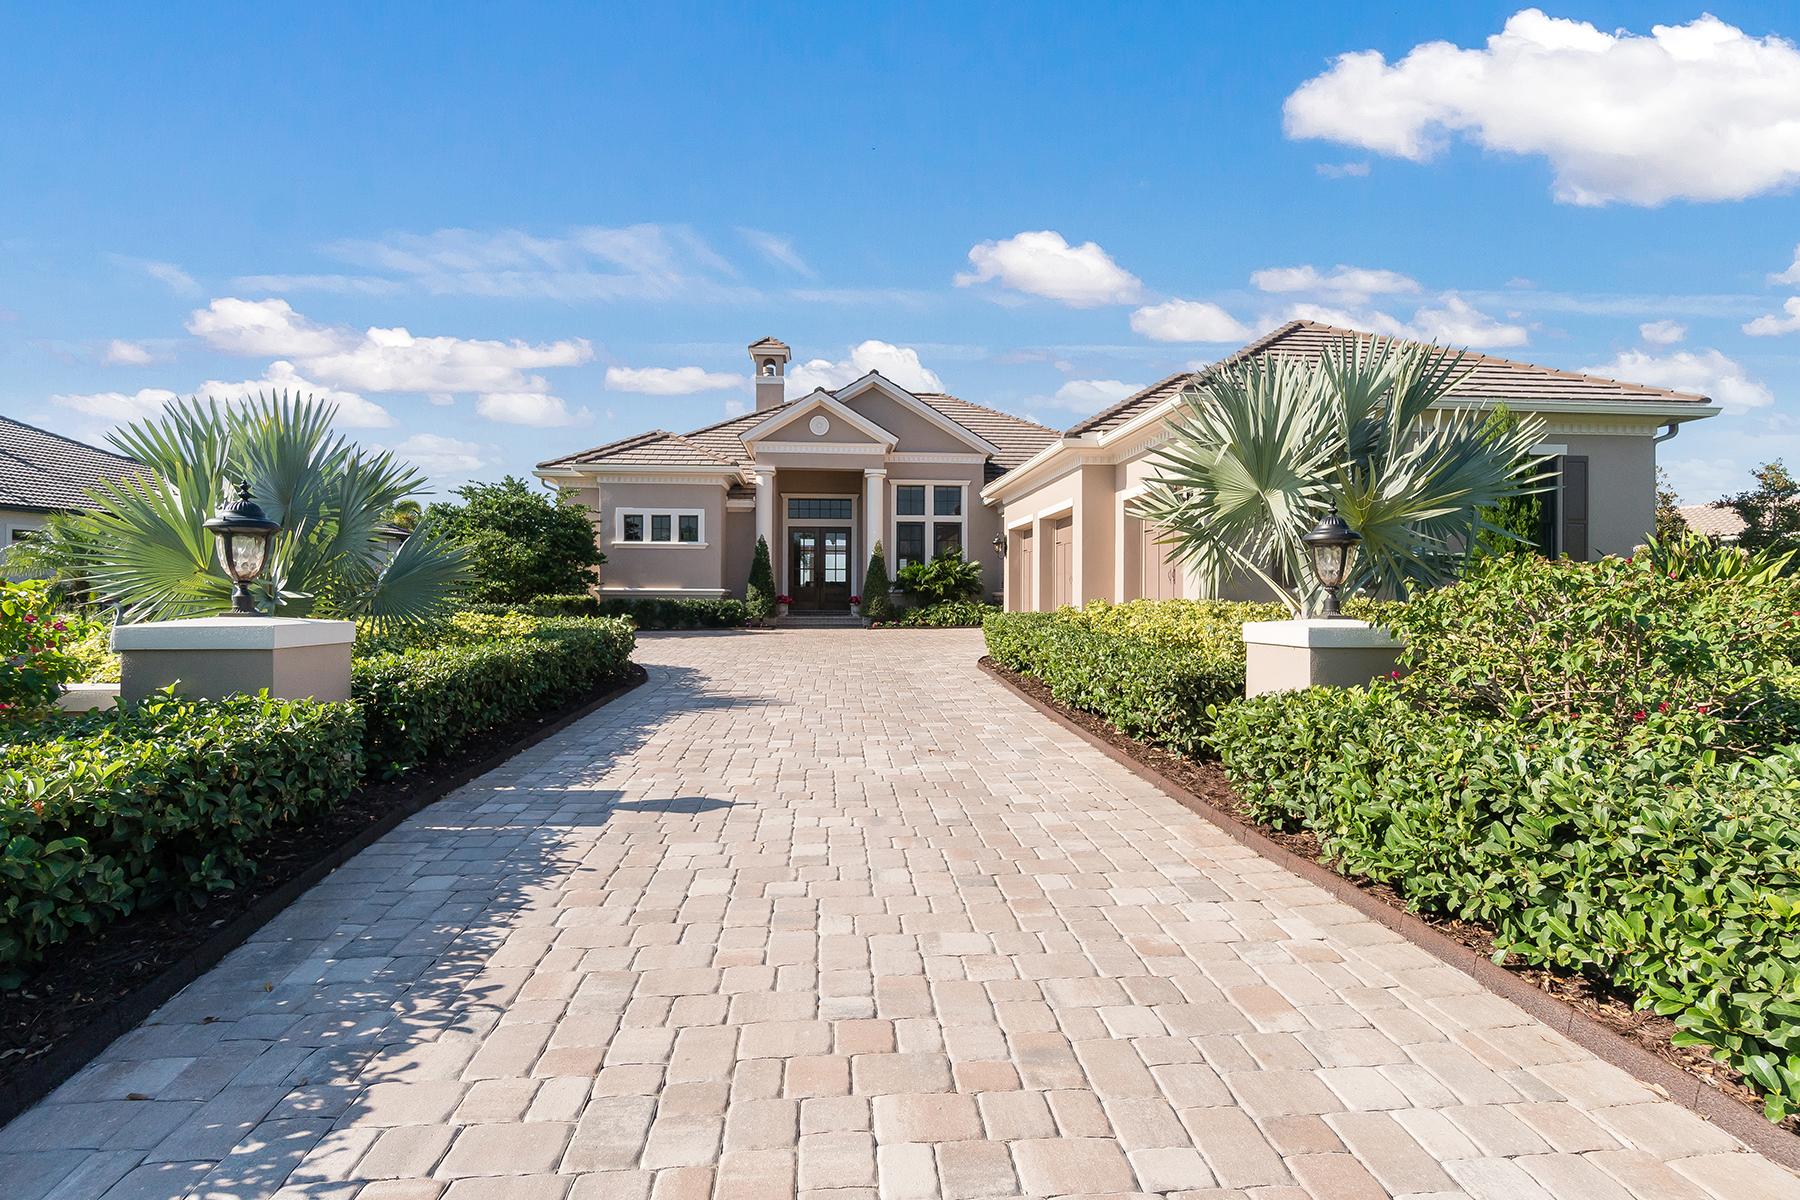 Tek Ailelik Ev için Satış at THE LAKE CLUB 16318 Daysailor Trl Lakewood Ranch, Florida, 34202 Amerika Birleşik Devletleri